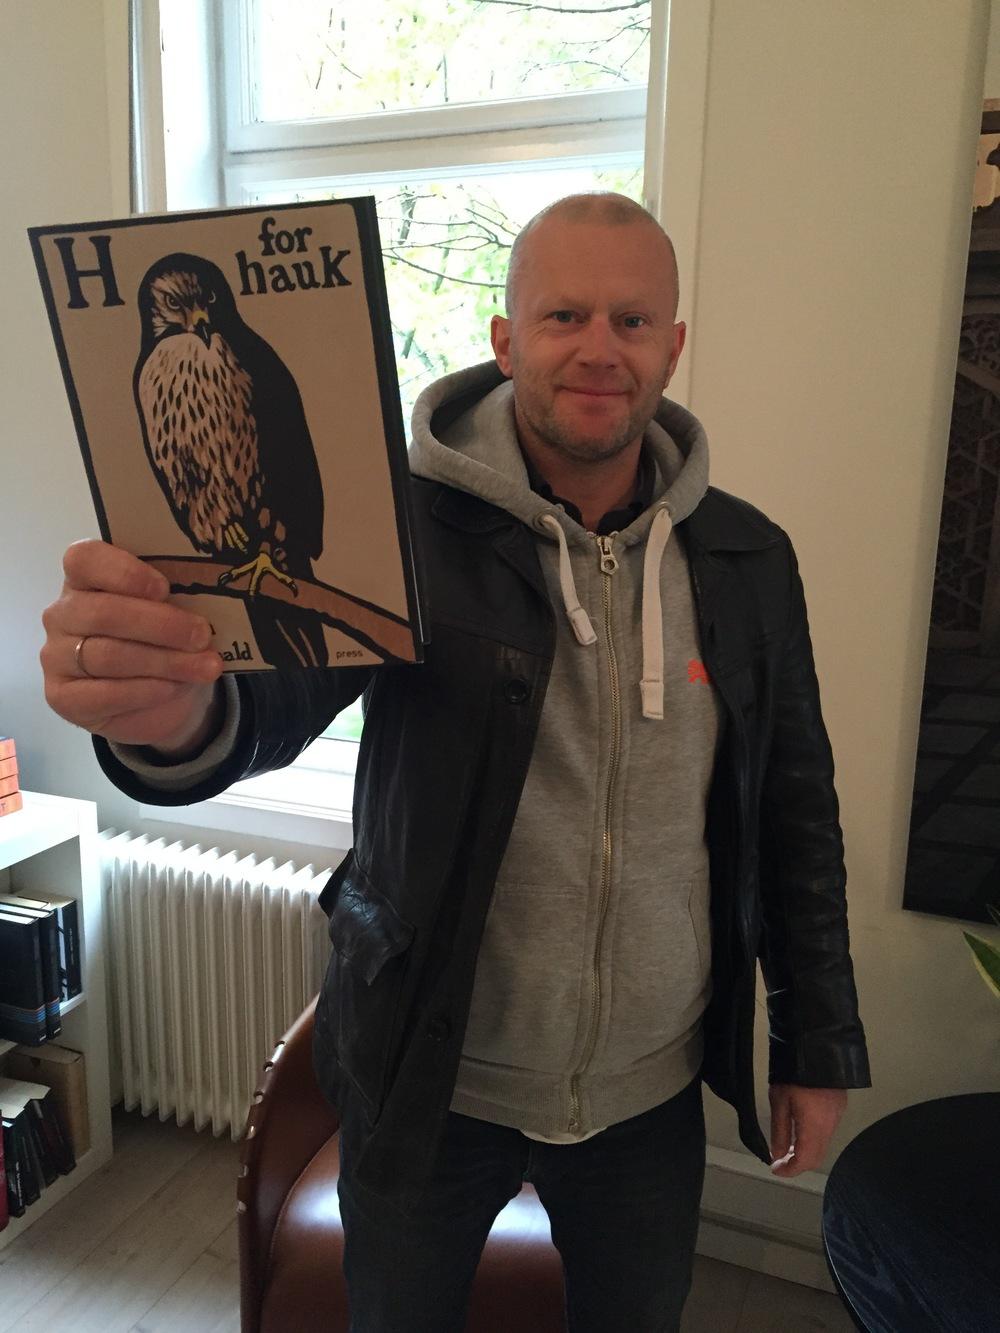 Forlagsredaktør Finn Totland anbefaler H for hauk (og Helen!)